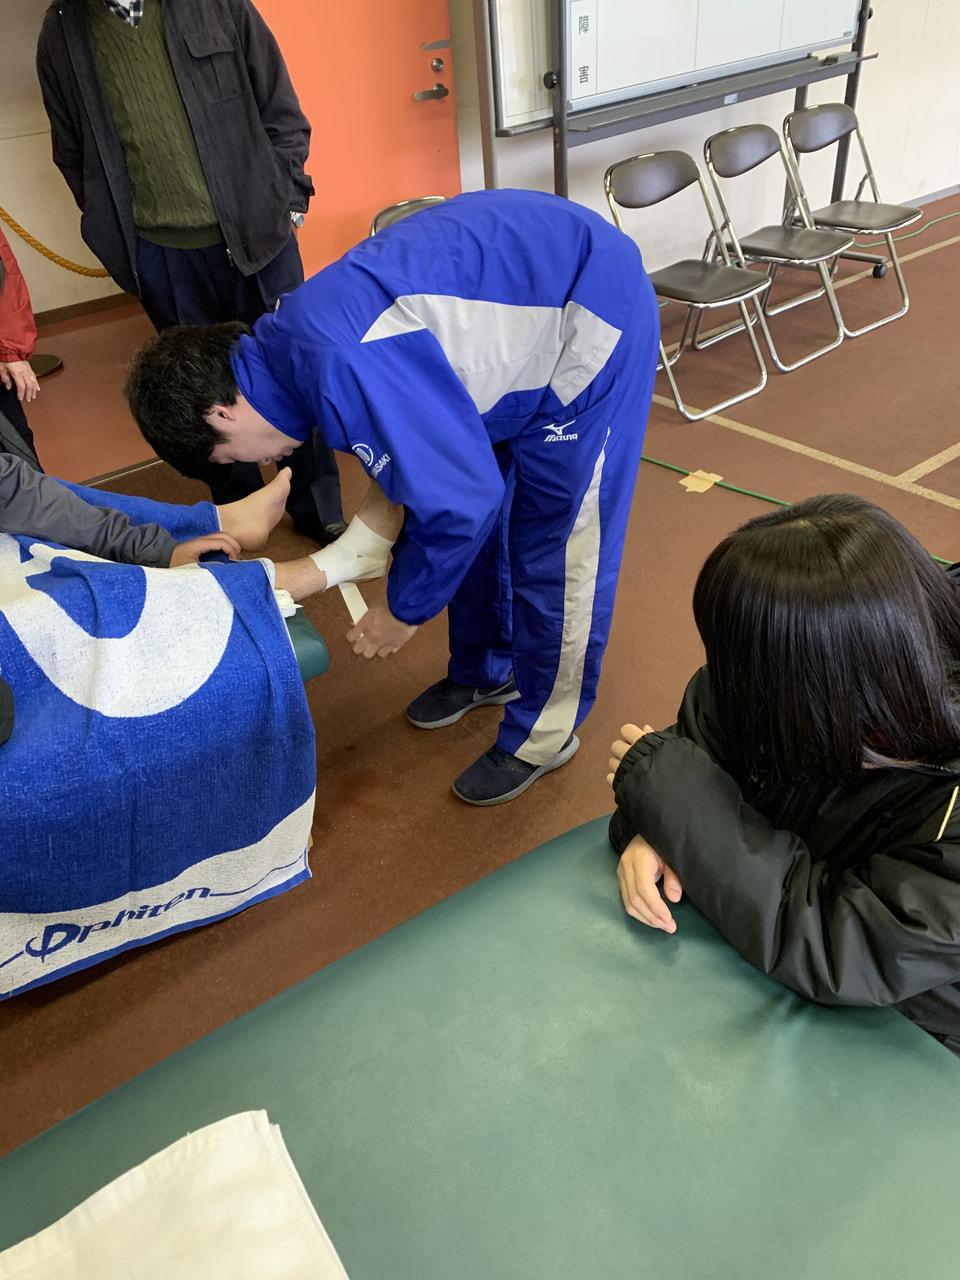 第194回松戸市陸上競技記録会 2日目